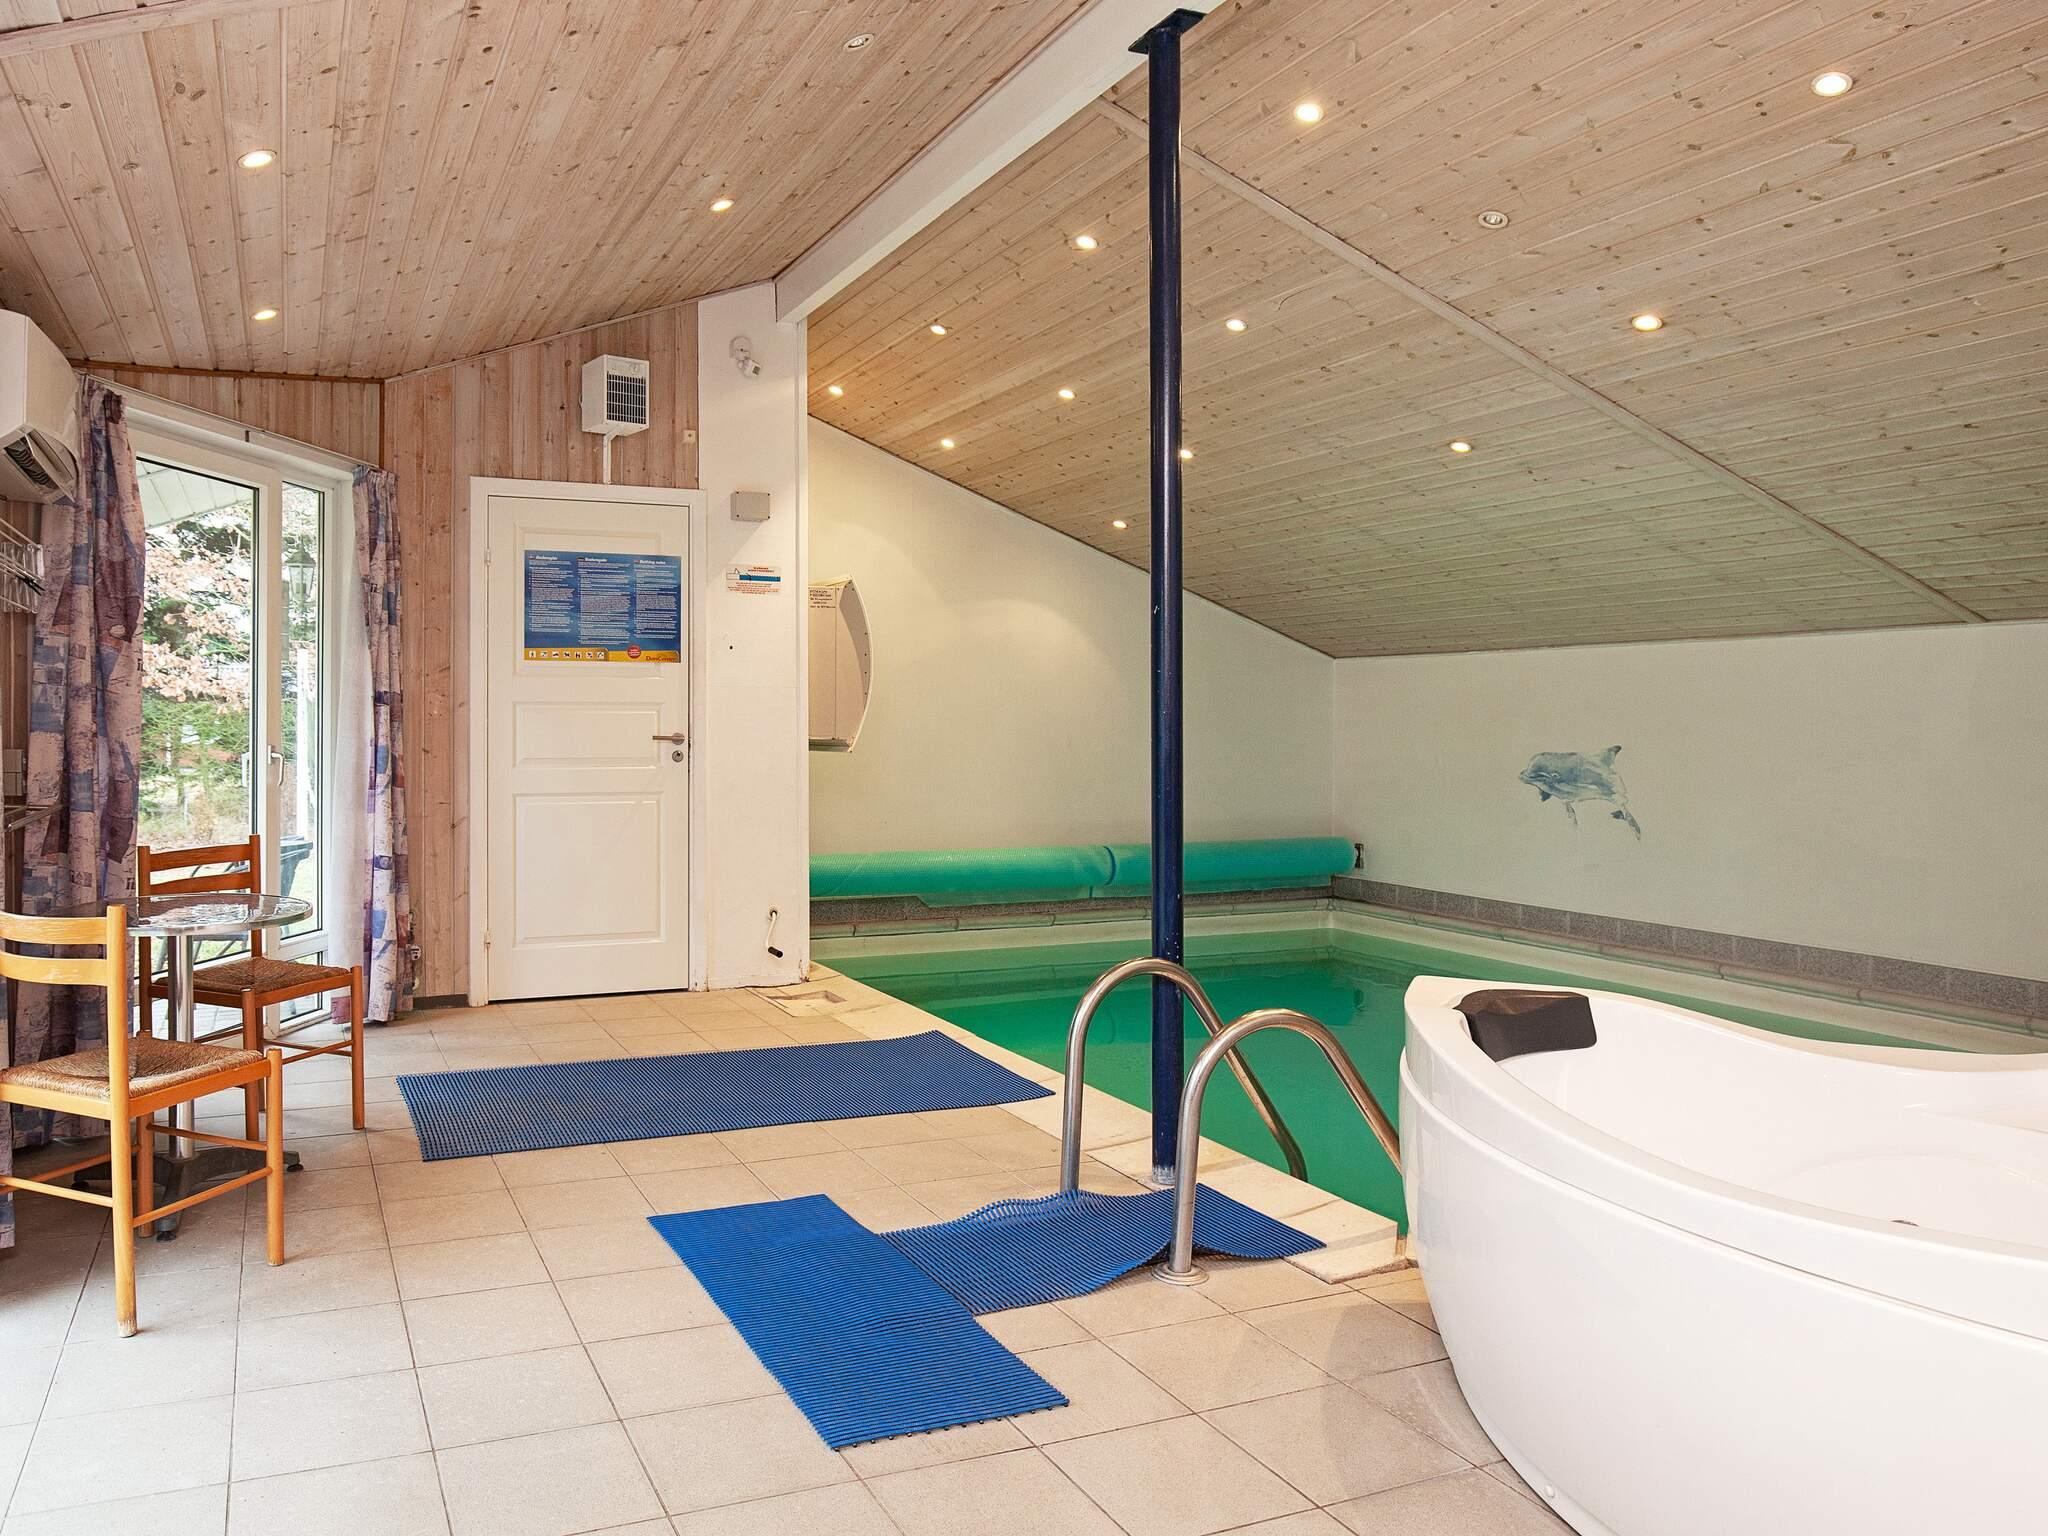 Ferienhaus Marielyst (83562), Marielyst, , Falster, Dänemark, Bild 34